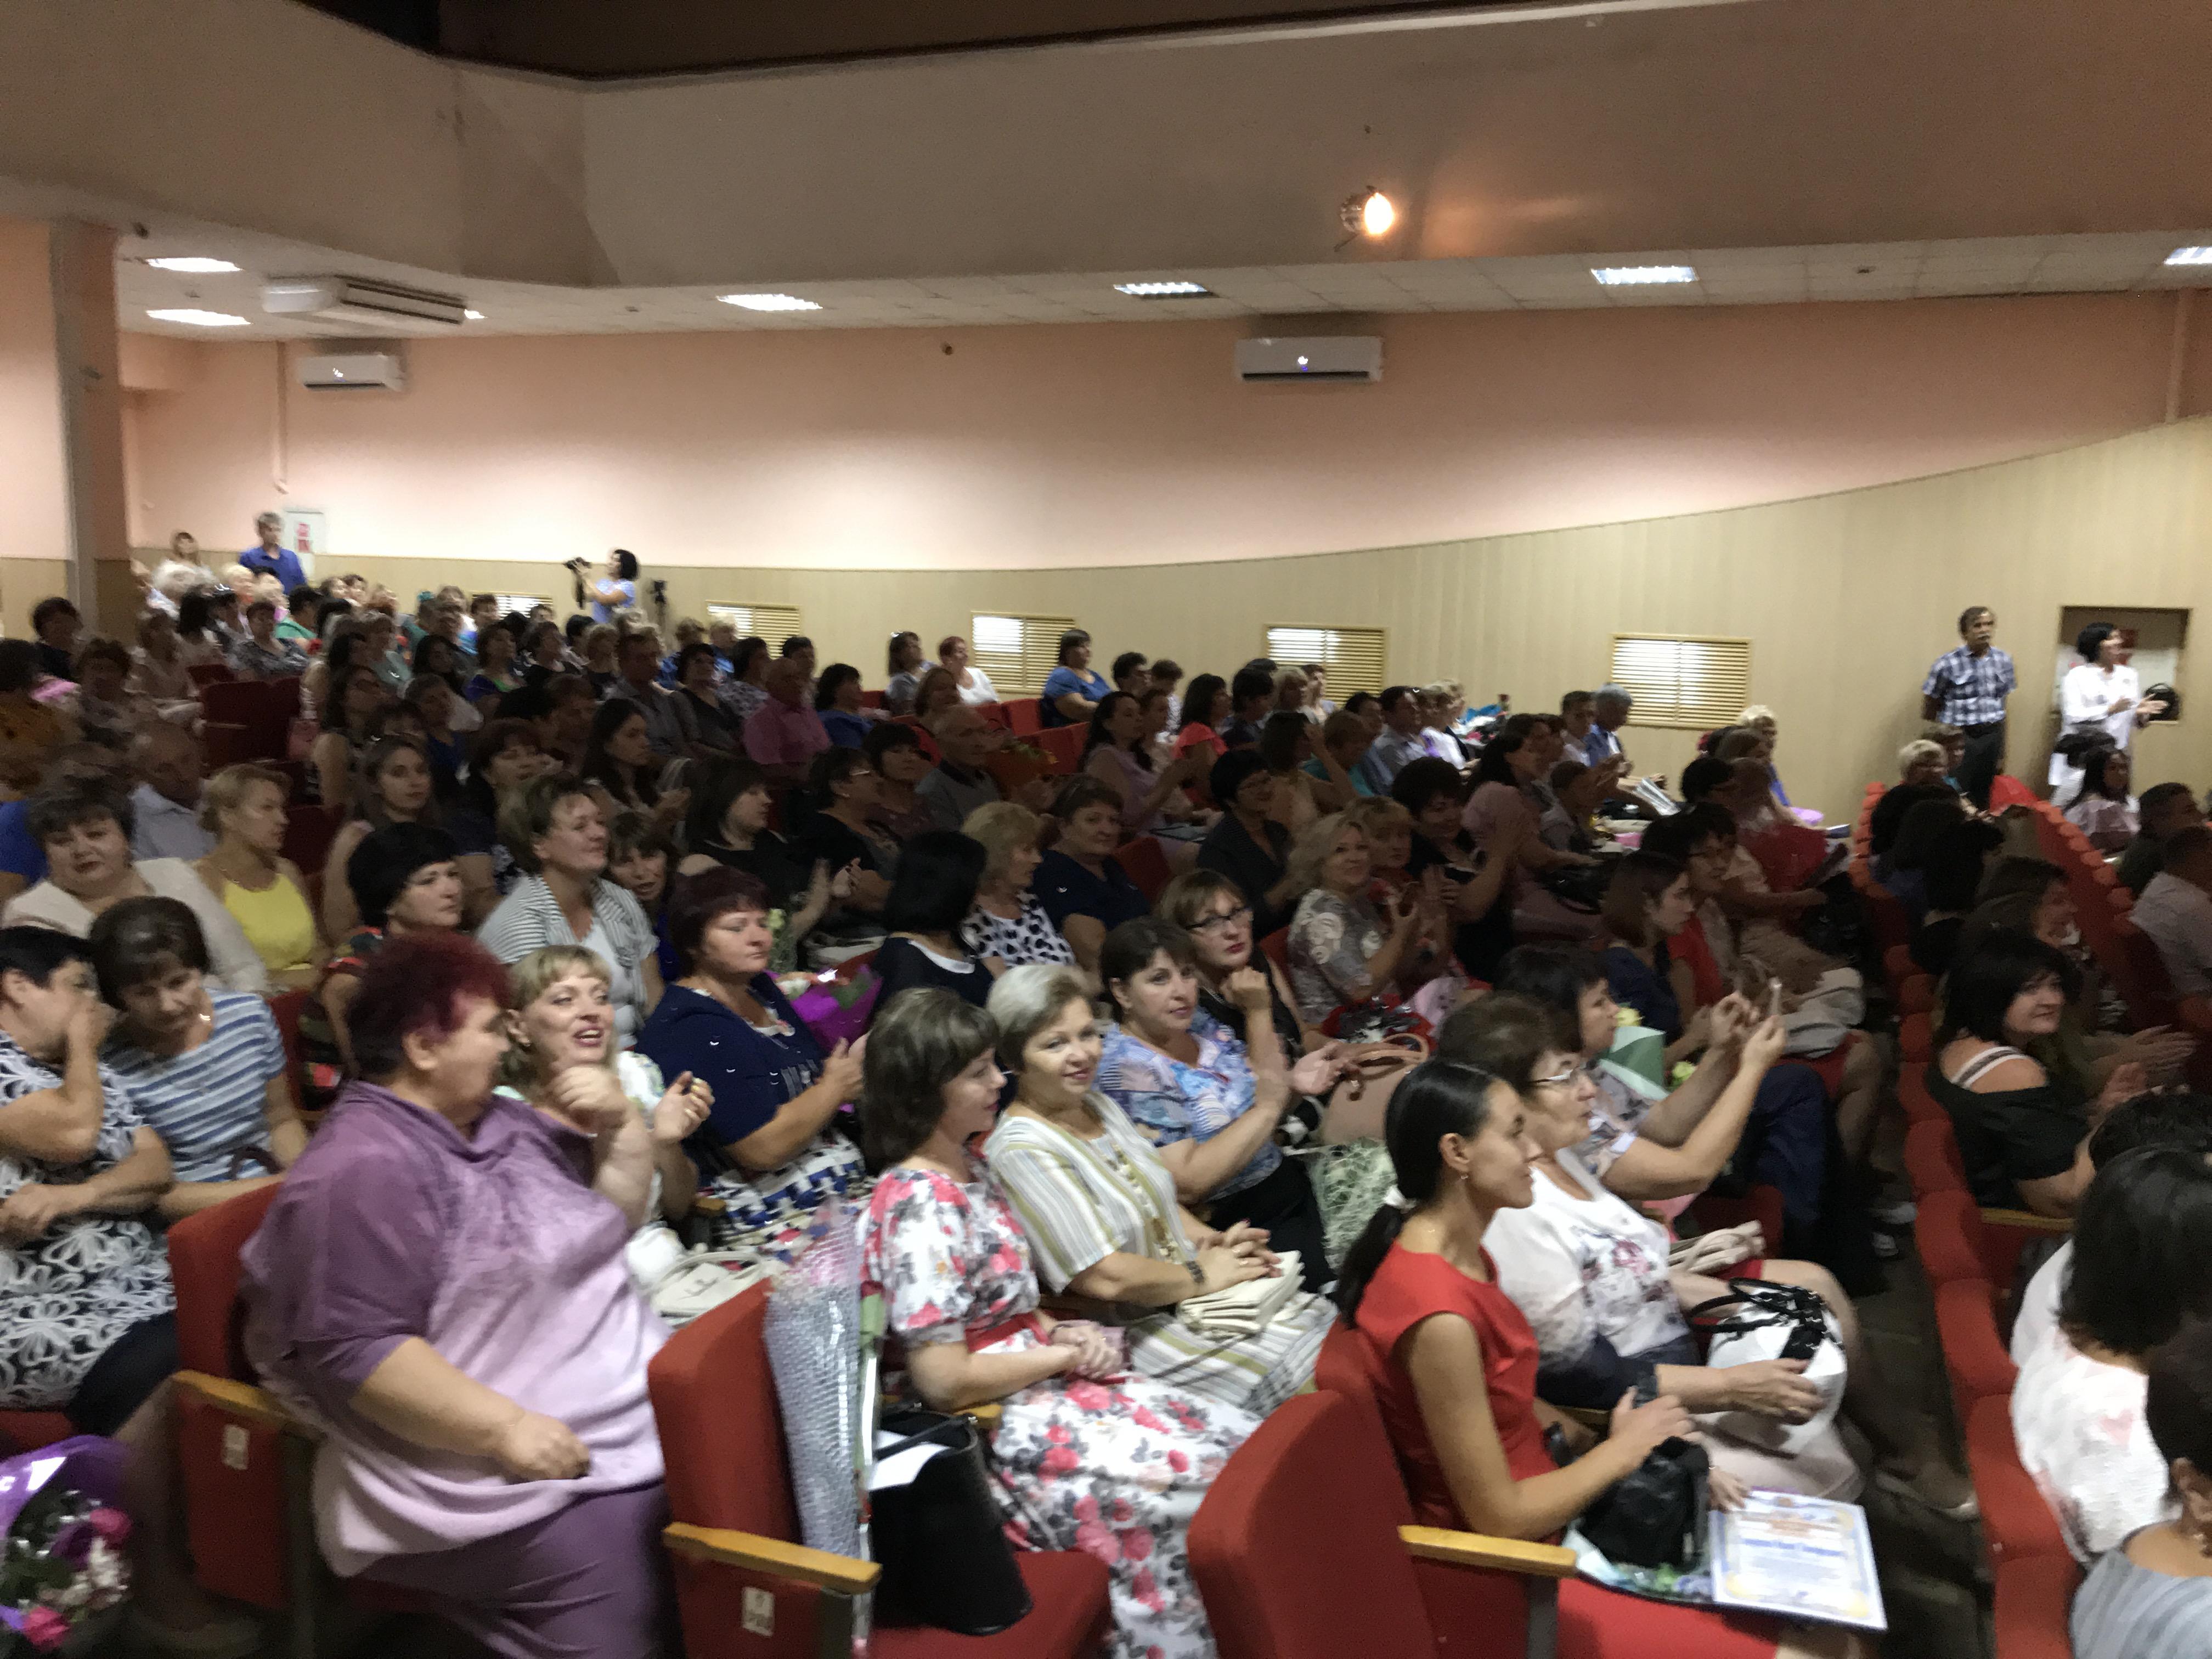 325 педагогов из 72 образовательных учреждений района собрала Педагогическая конференция.